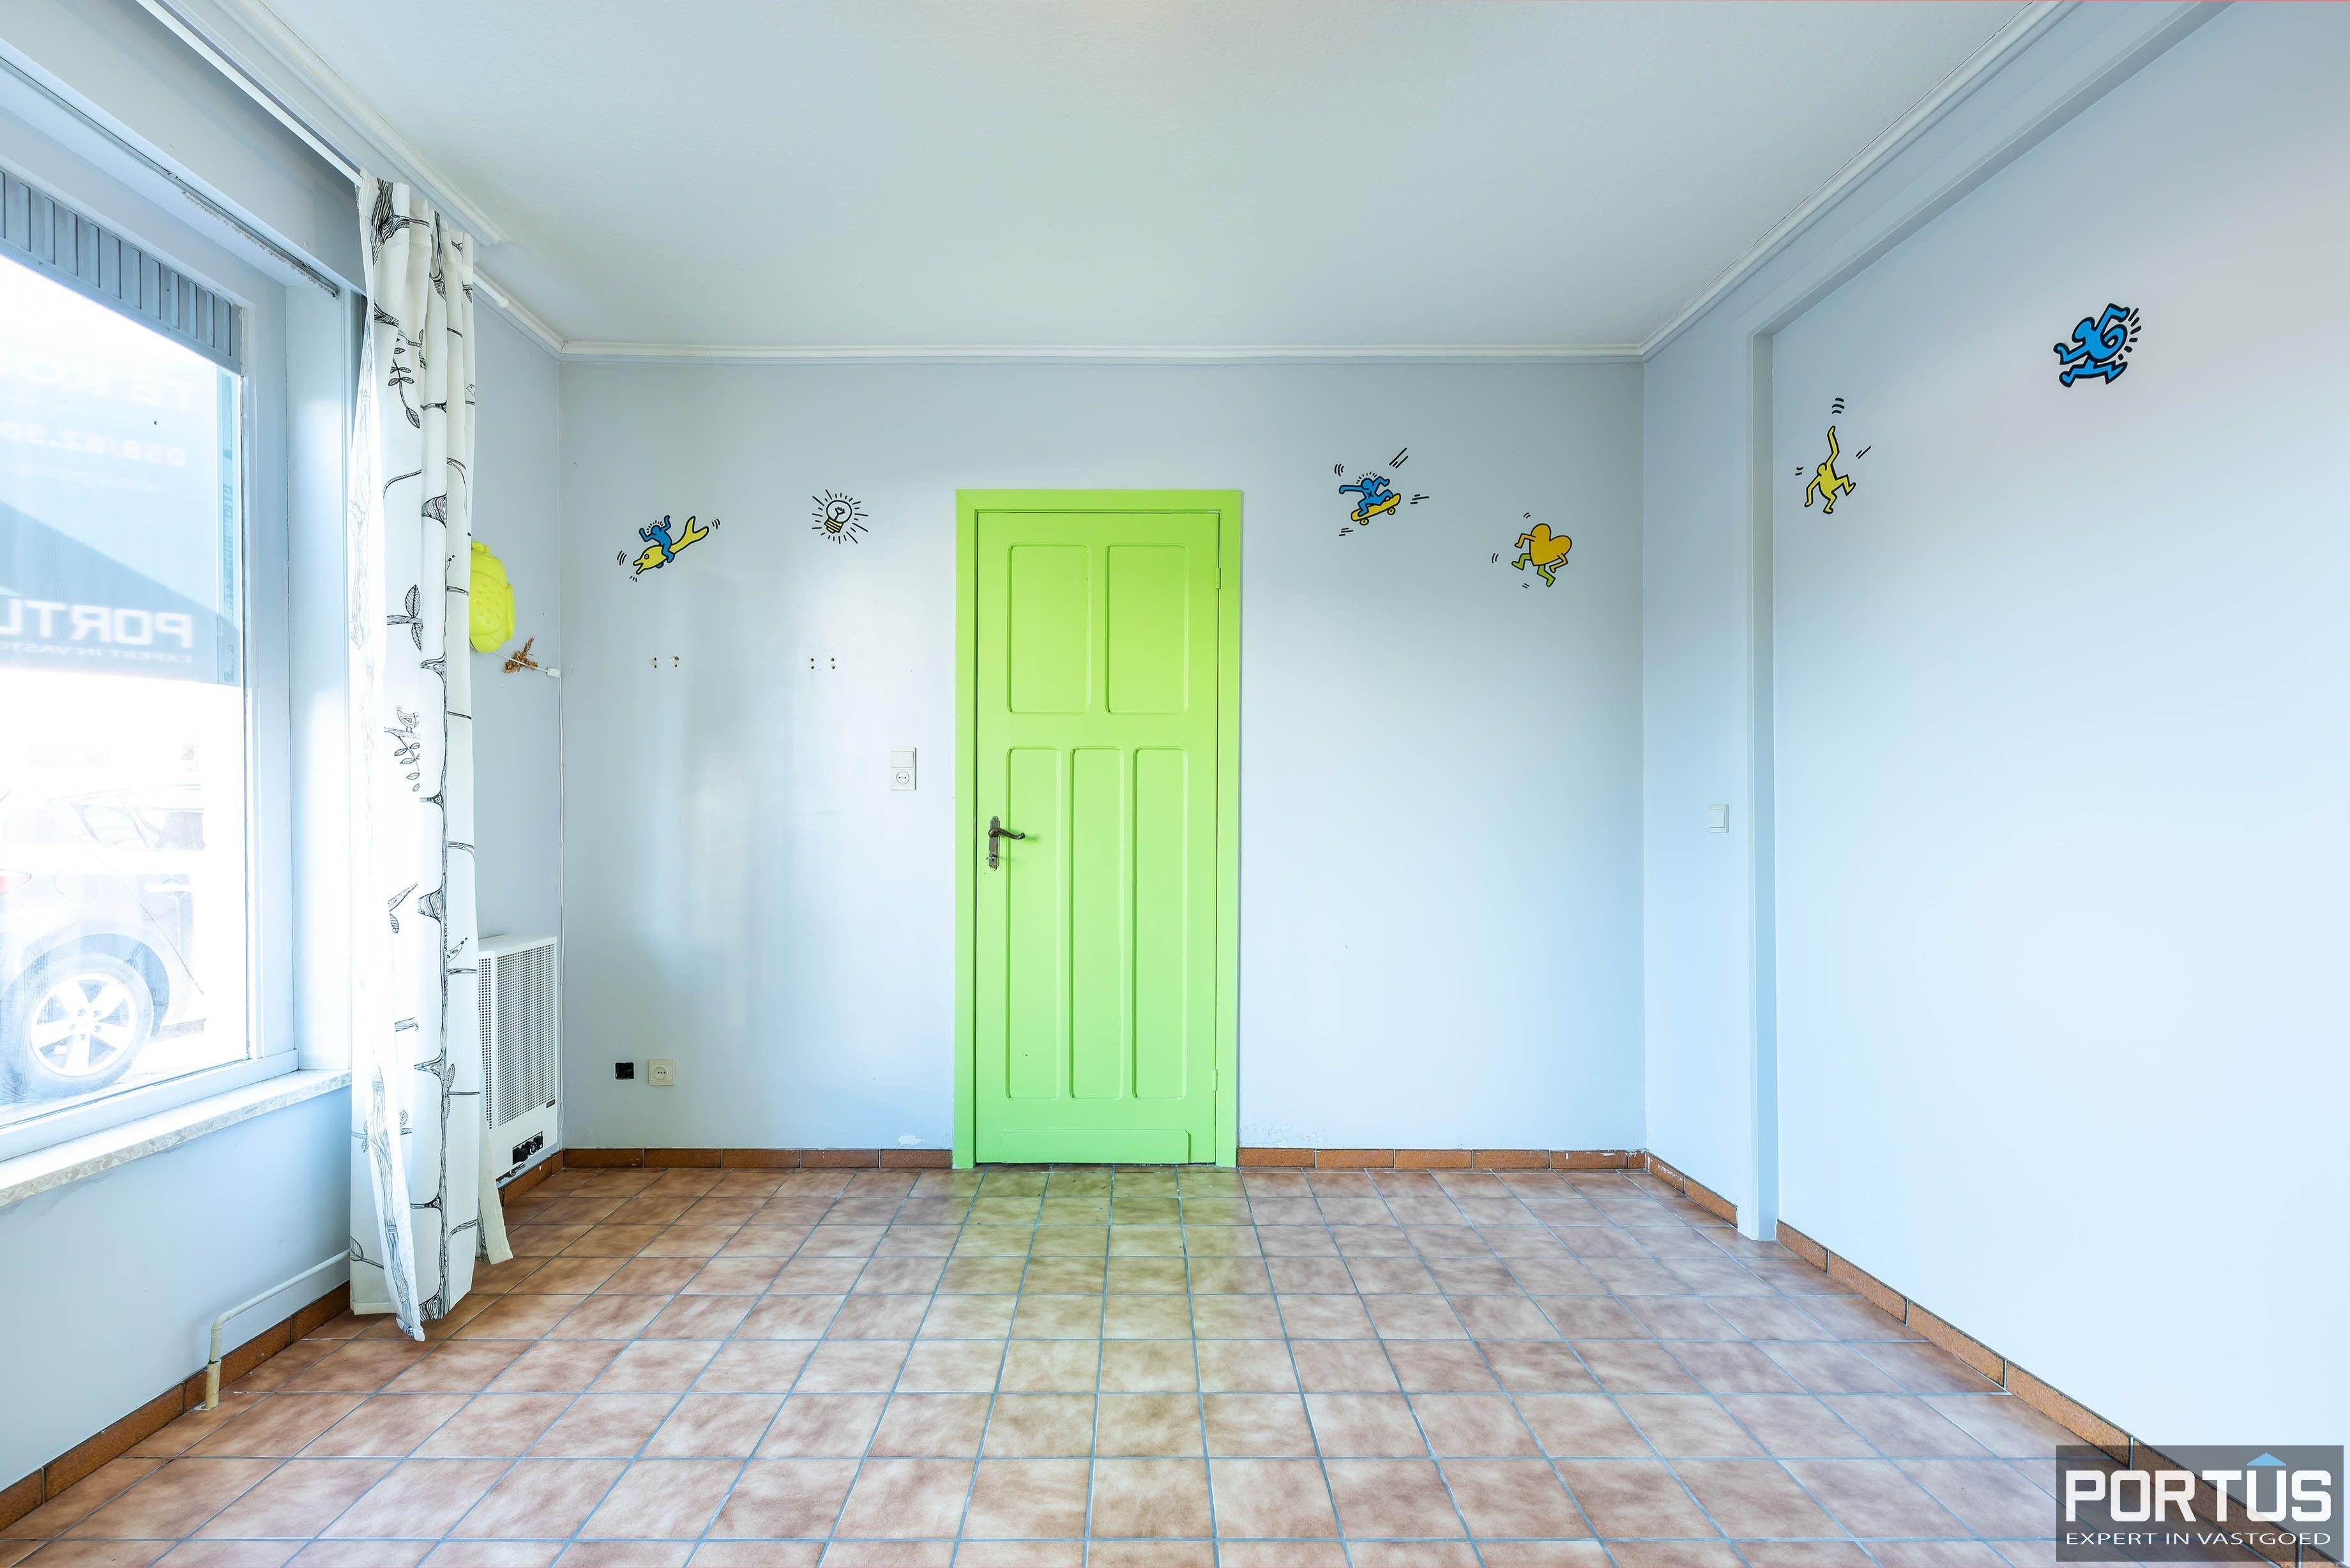 Halfopen bebouwing te koop te Oostduinkerke - 8988